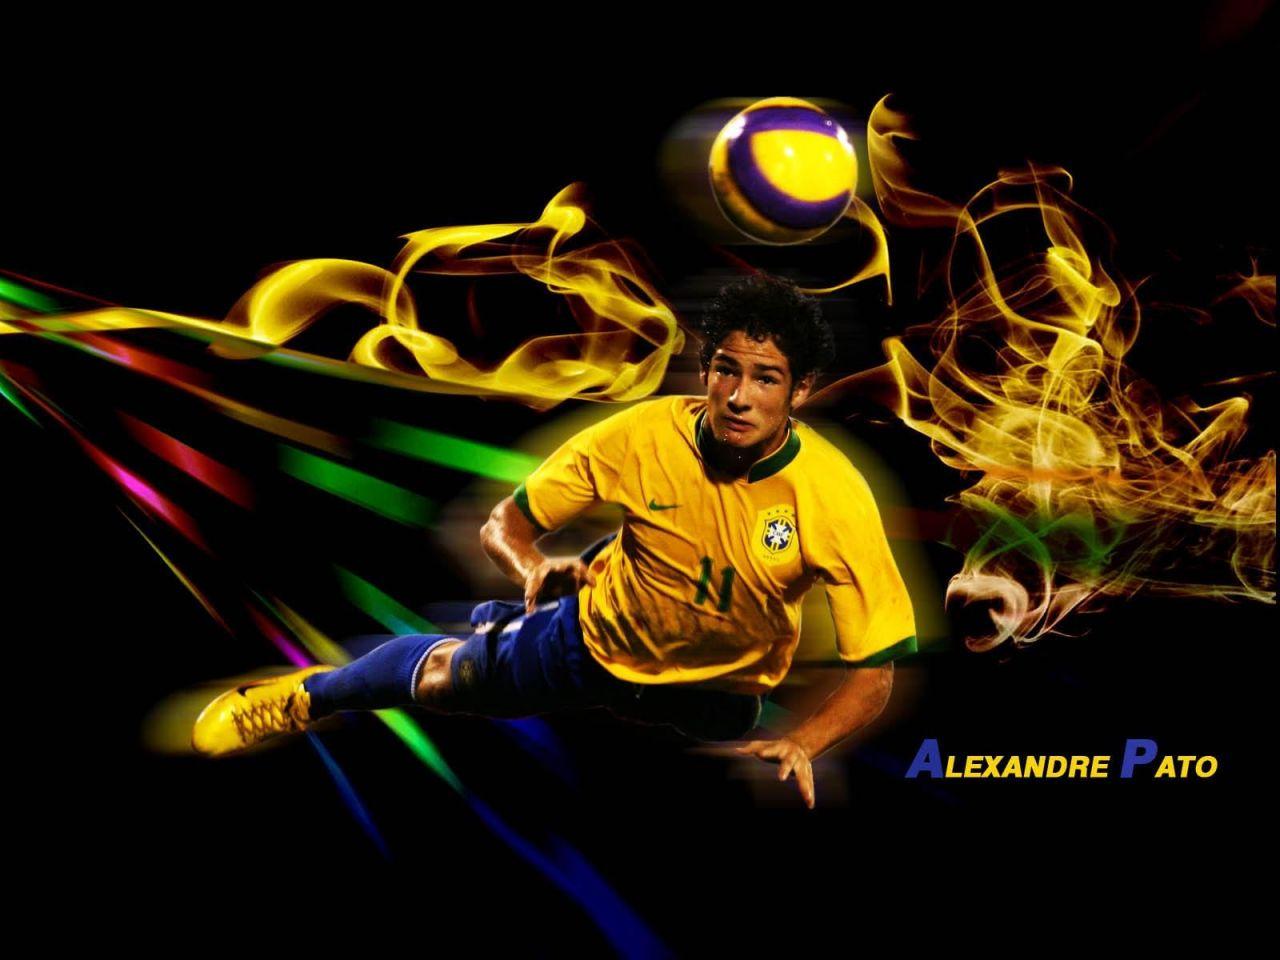 http://2.bp.blogspot.com/-nzXJCD2QAtg/TwfKrV2bCUI/AAAAAAAACtw/BIilFLWkGcE/s1600/alexandre-pato-brasil-wallpaper.jpg